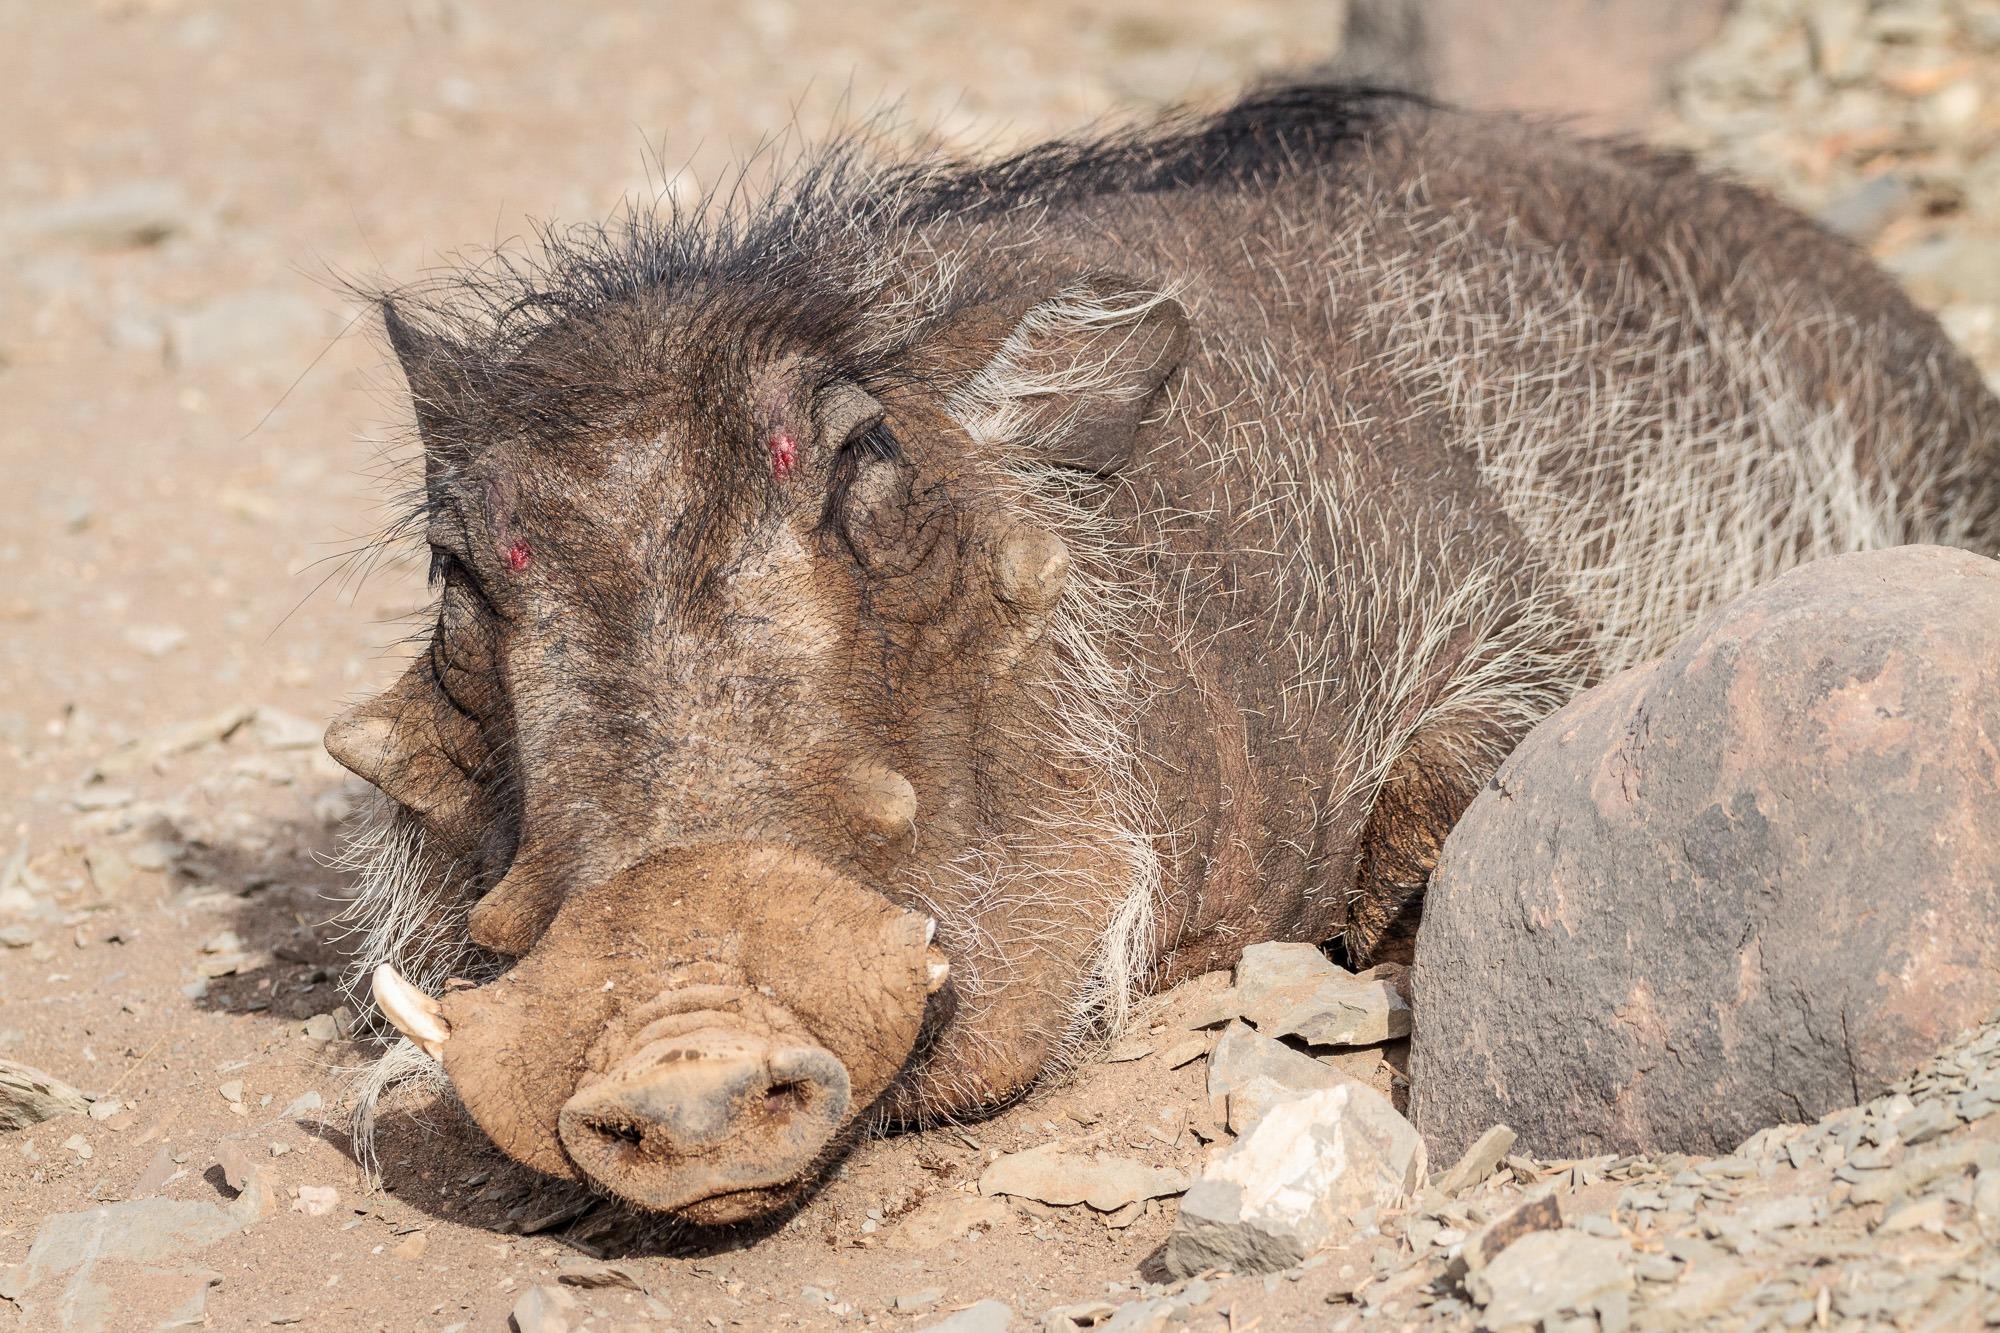 Liegendes und schlafendes Warzenschwein